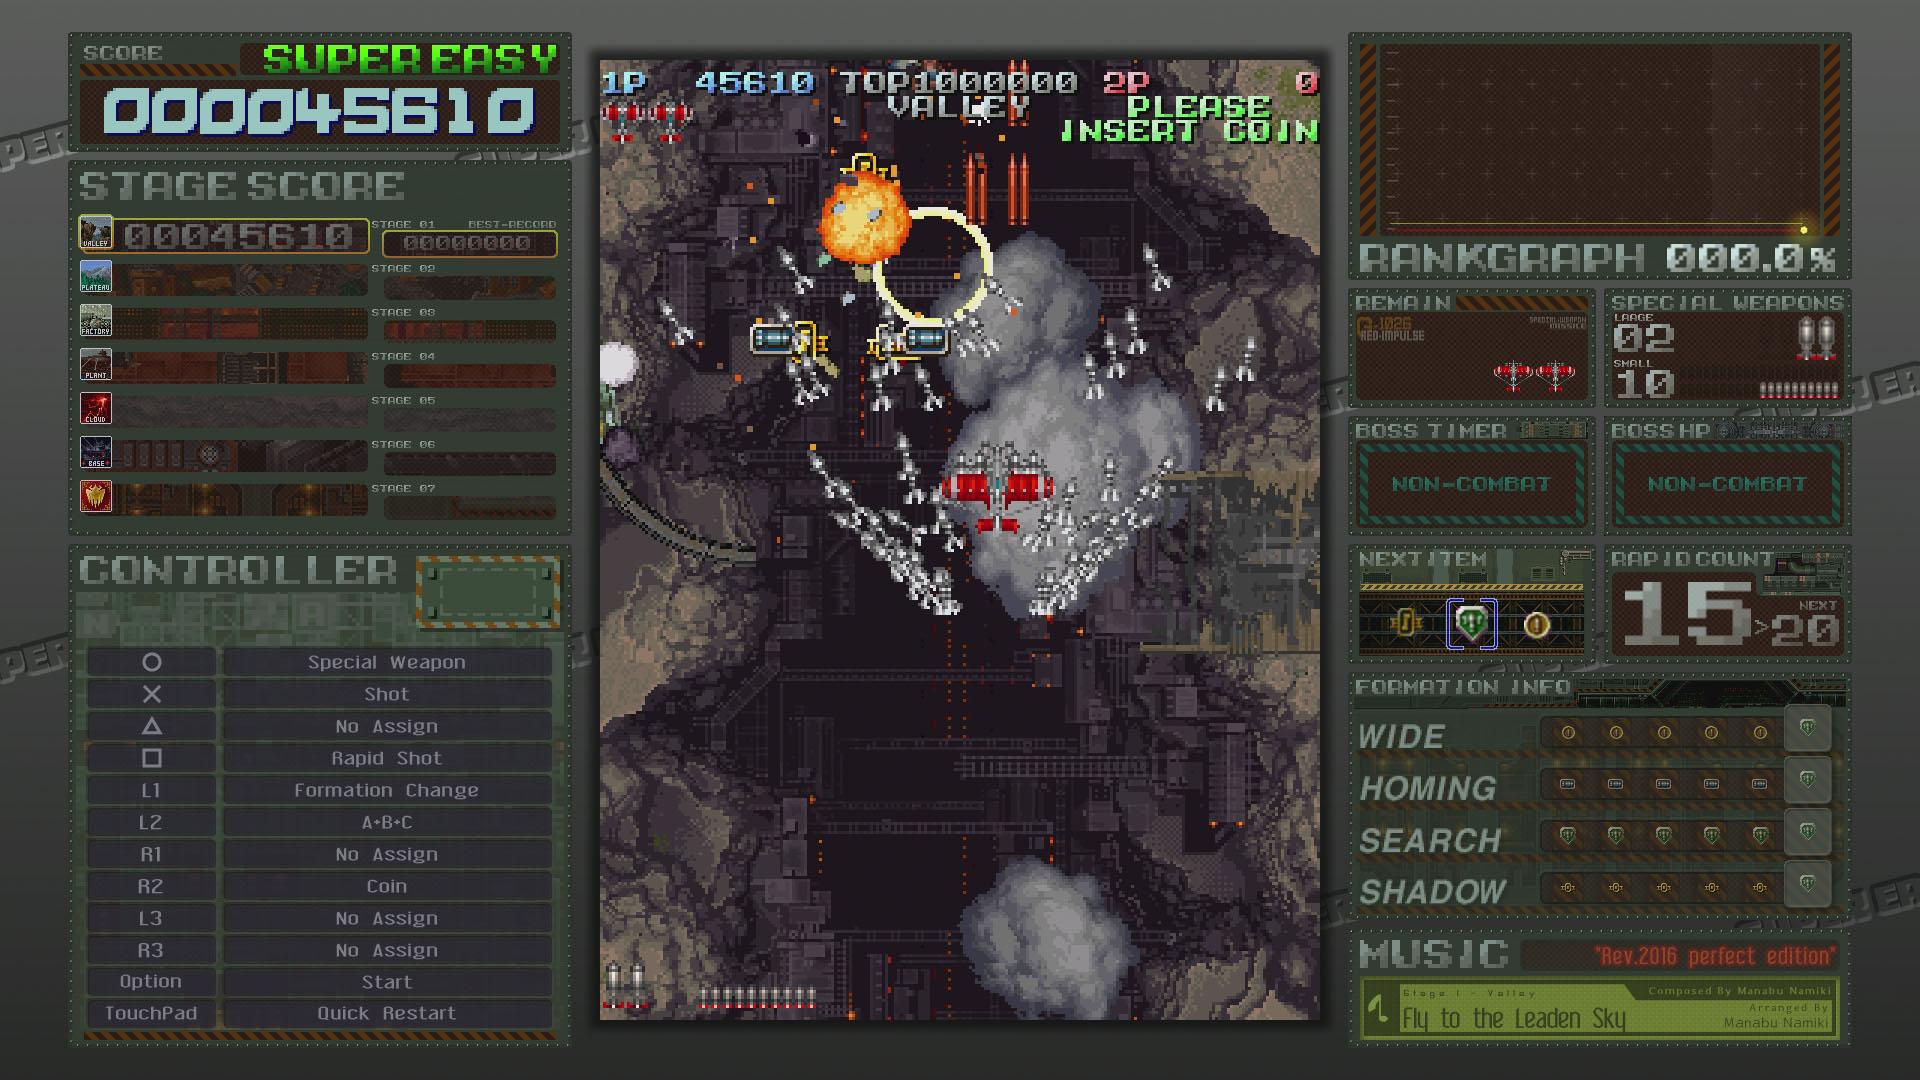 「スーパーイージーモード」プレイ中の画面。右上のランクグラフは0のまま進んでいく